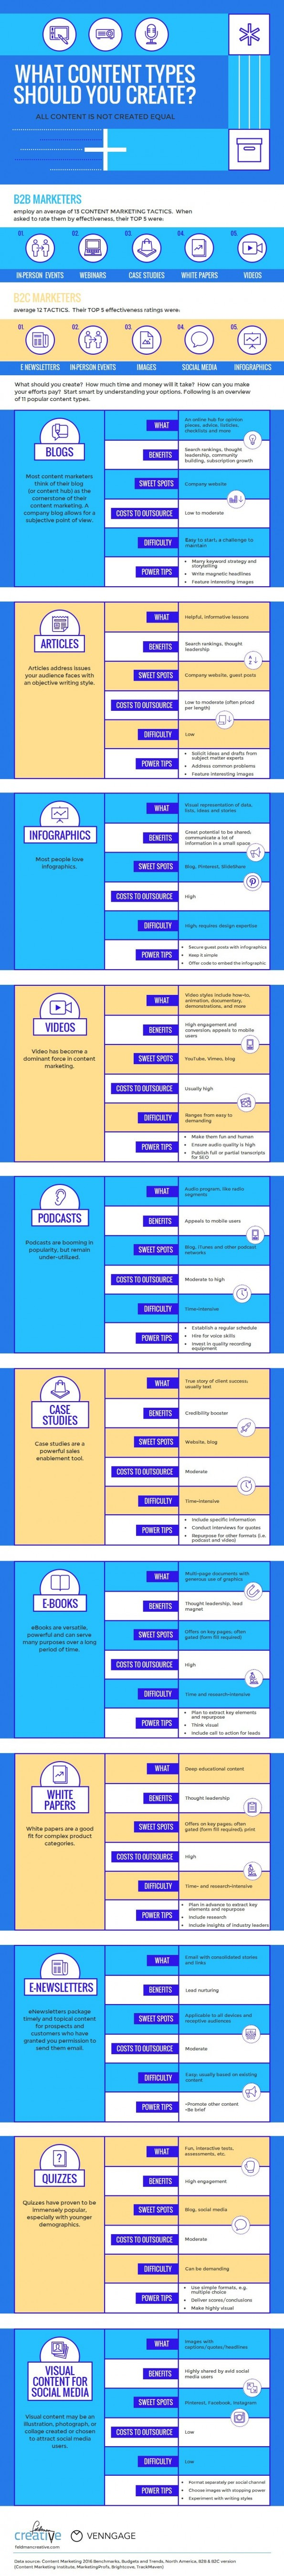 contentcreatie 11 vormen die je kunt inzetten infographic